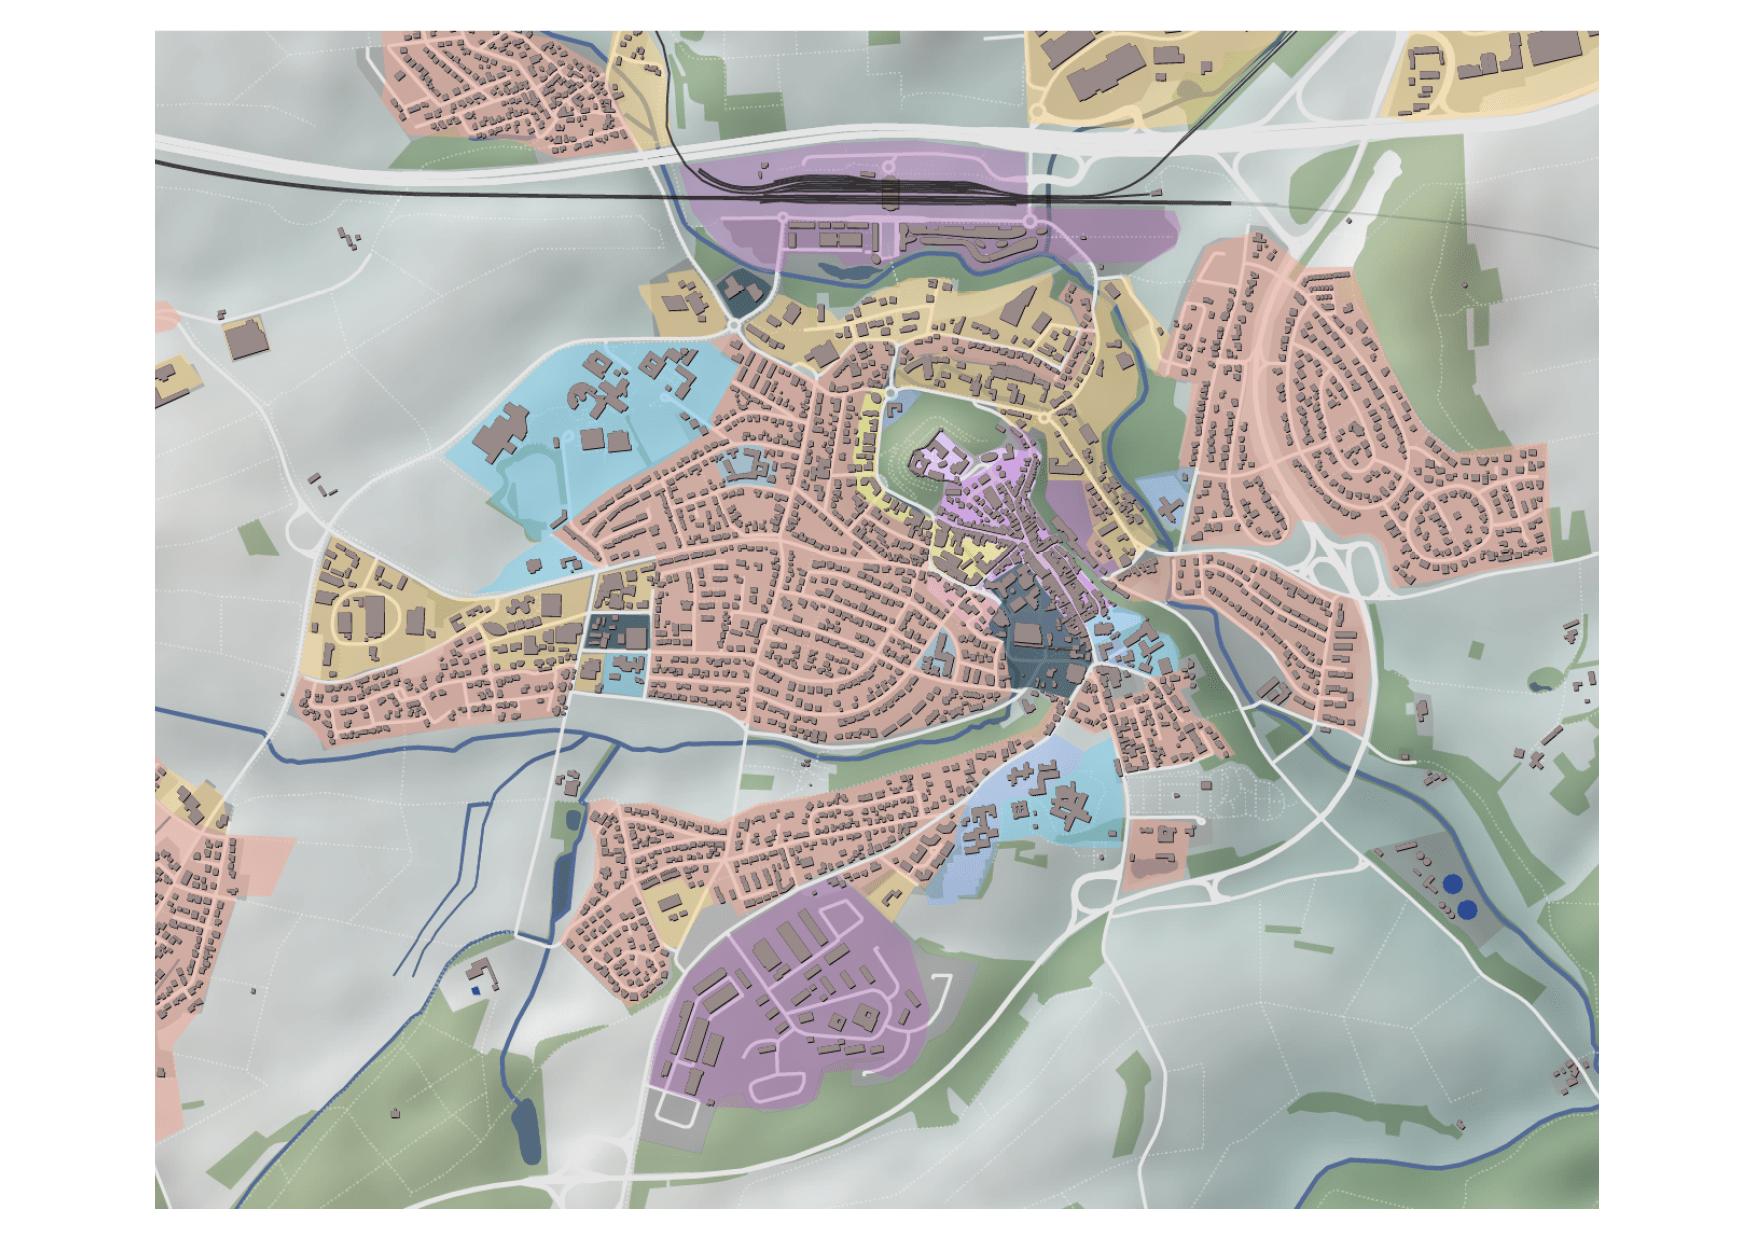 Montabaur Integriertes Städtebauliches Entwicklungskonzept ISEK Stadtbereiche Stadtgliederung Karte